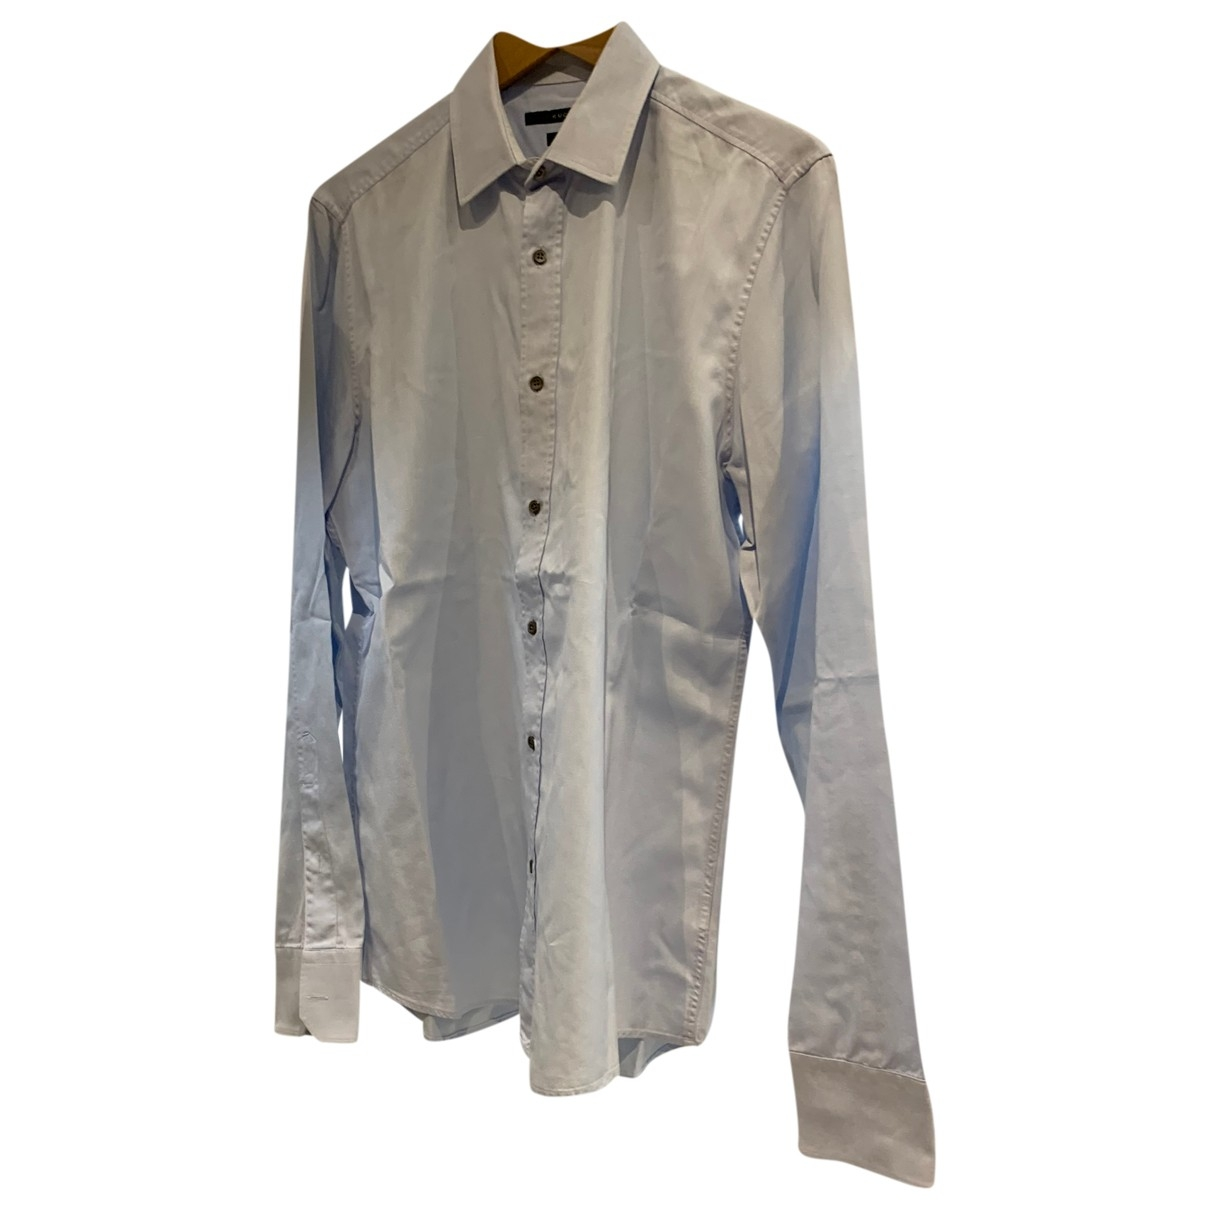 Gucci \N Blue Cotton Shirts for Men 16 UK - US (tour de cou / collar)